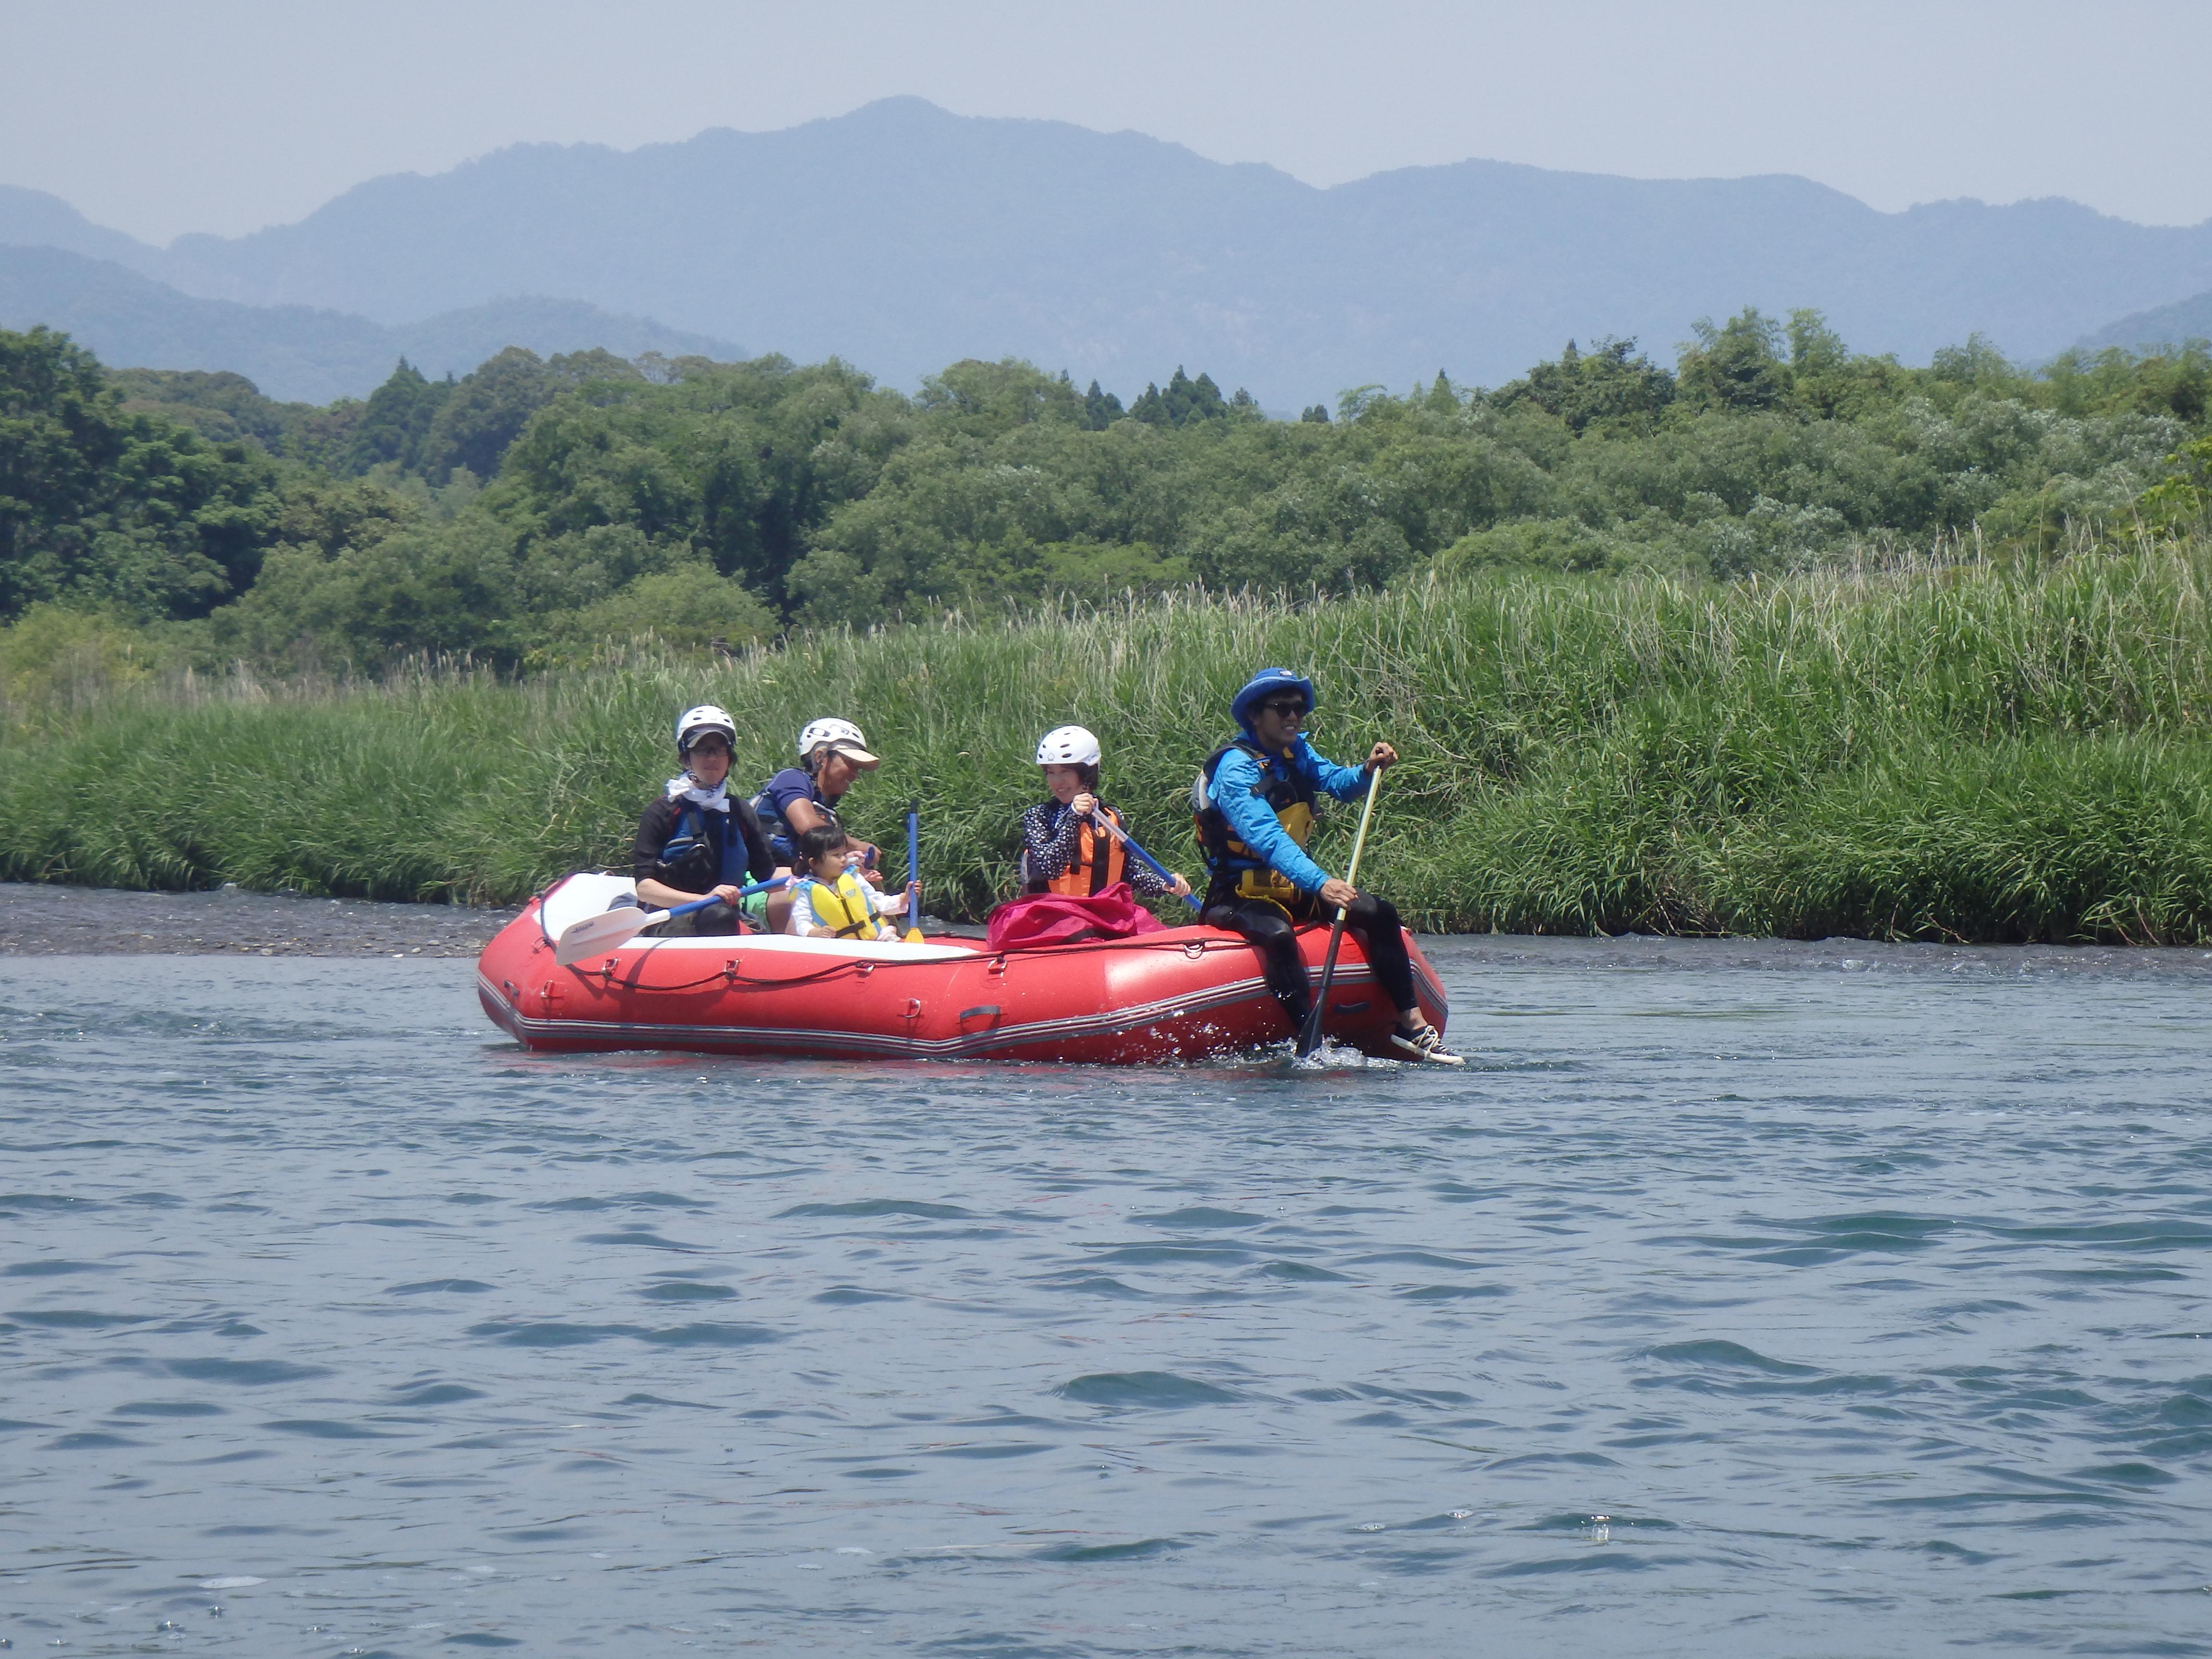 五ヶ瀬川ラフトボートも登場